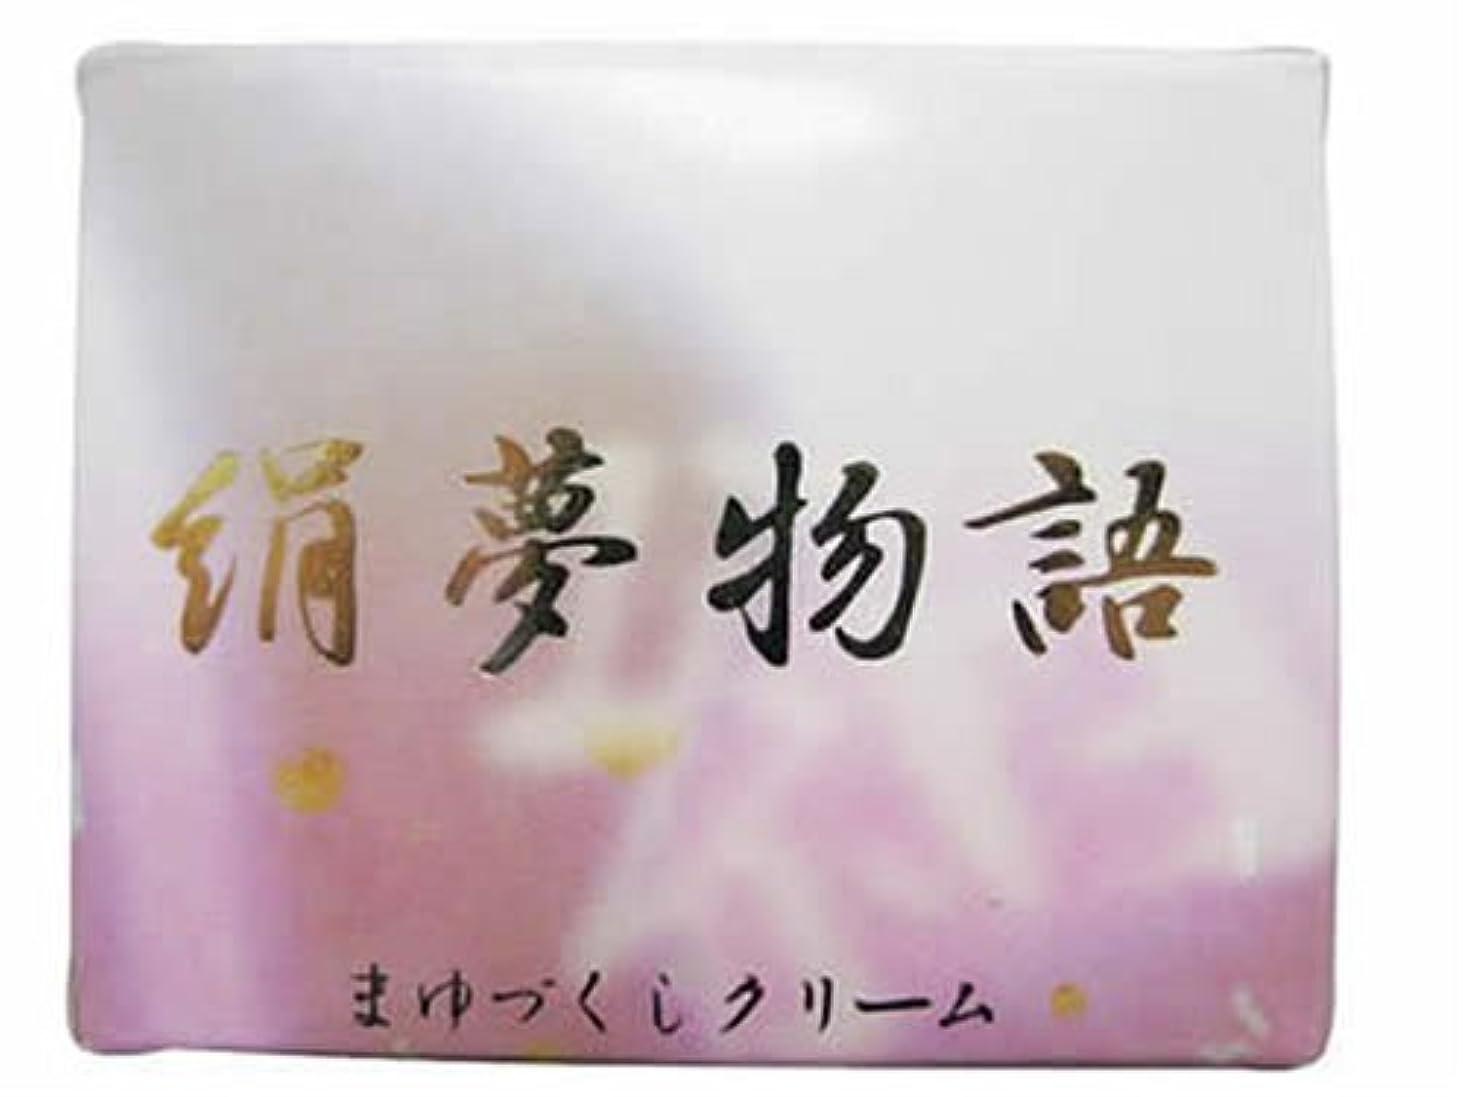 アーサーコナンドイル宝前方へ絹夢物語 まゆづくしクリーム 35g